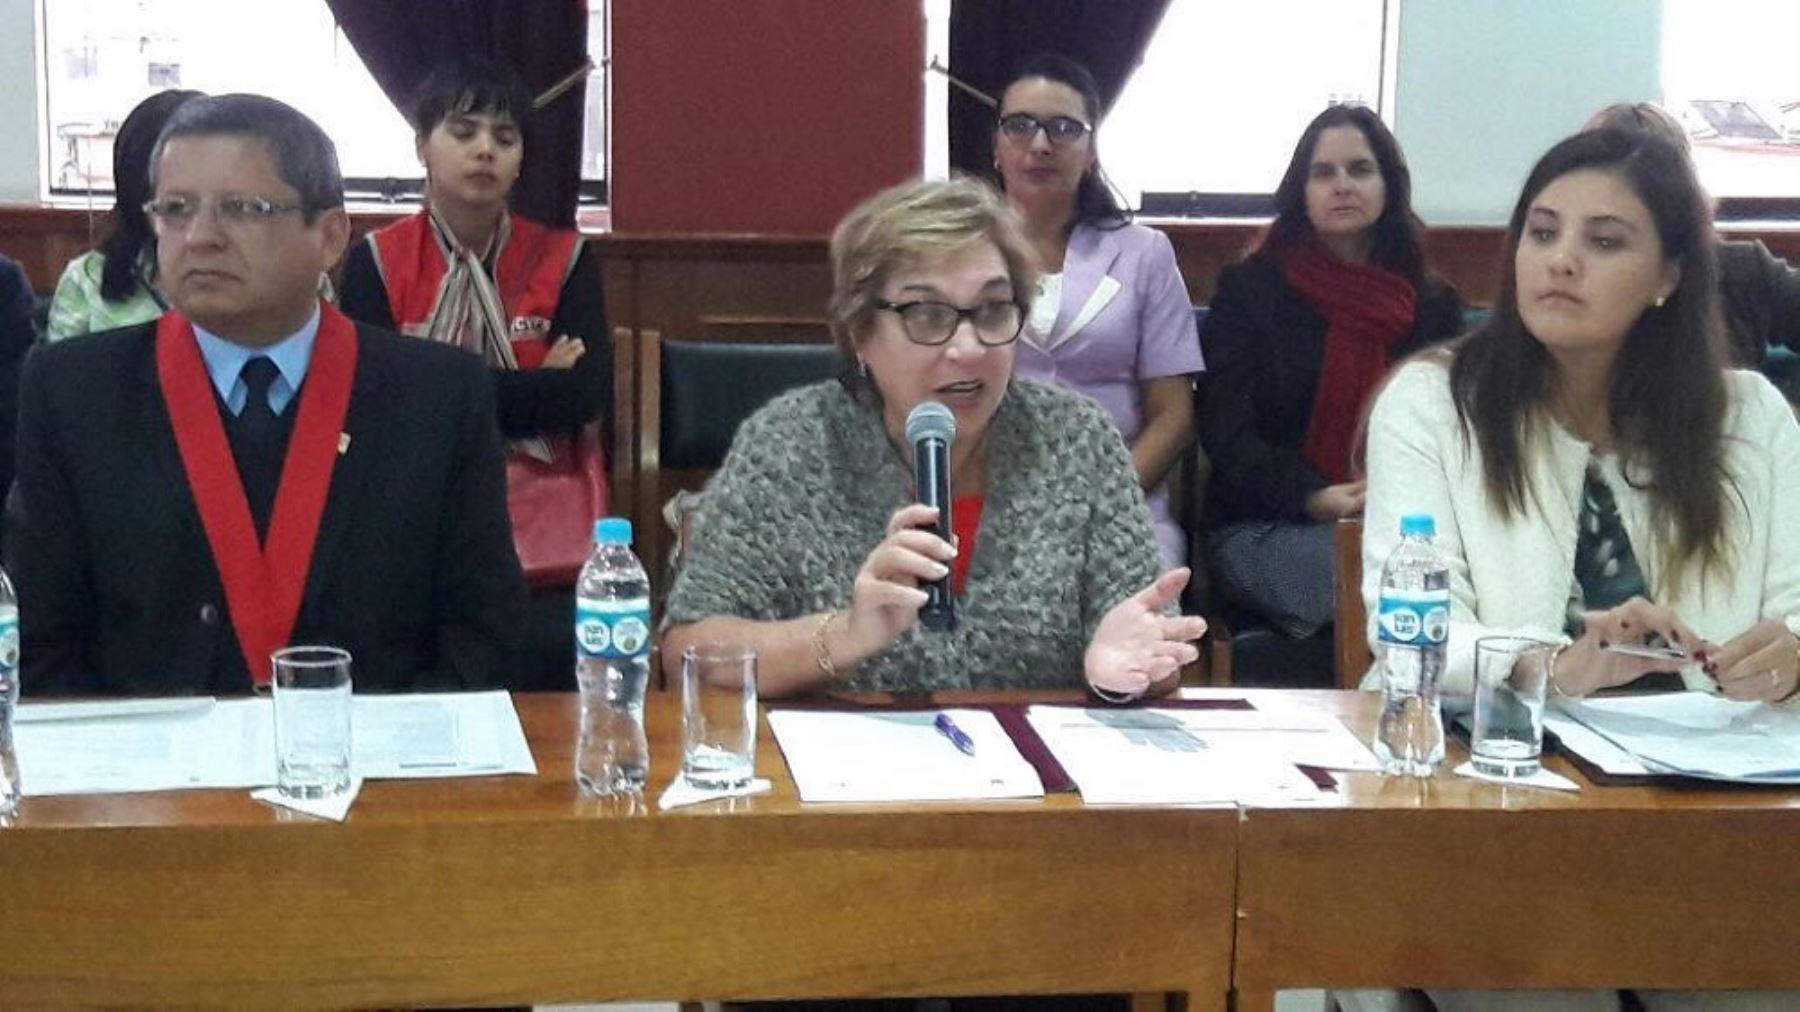 La ministra de la Mujer y Poblaciones Vulnerables, Ana María Romero-Lozada, participó junto a la gobernadora de Arequipa, Yamila Osorio, en la segunda sesión de la Instancia Regional de Concertación, espacio donde las autoridades articulan esfuerzos para atender y prevenir los casos de violencia.